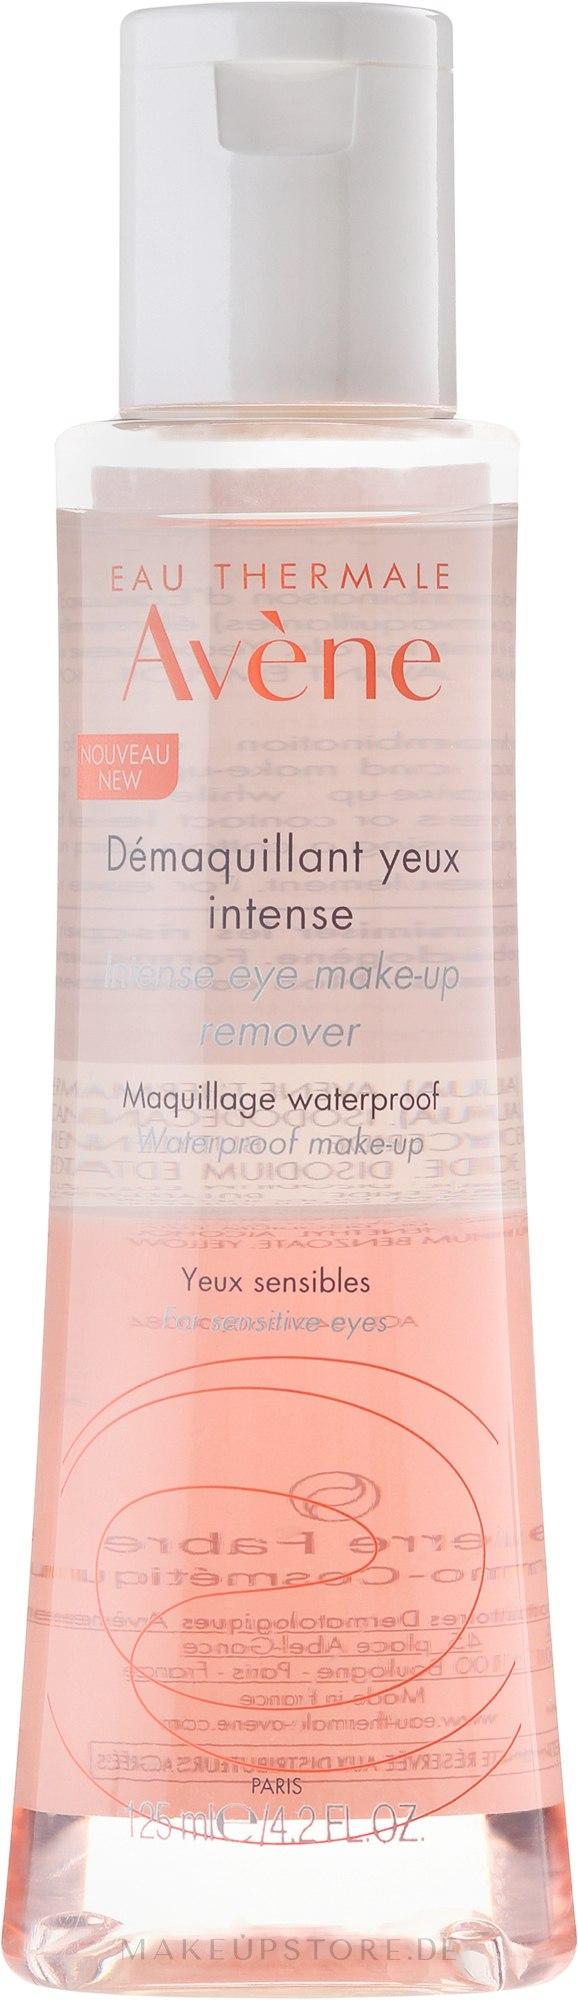 Zweiphasiger Make-Up Entferner für empindliche Augen - Avene Intense Eye Make-up Remover — Bild 125 ml